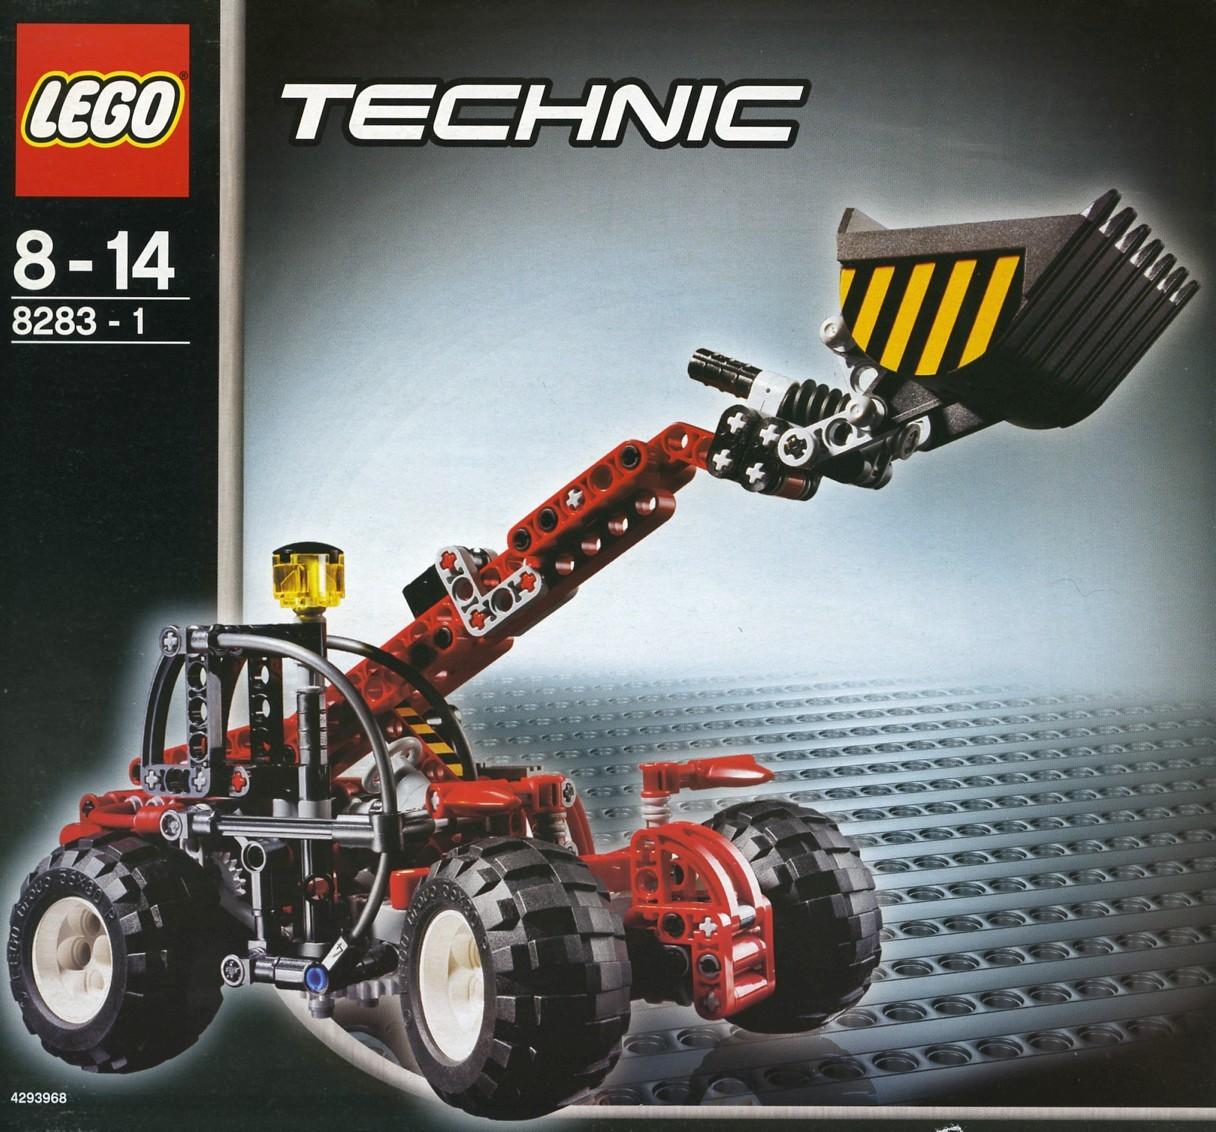 technic 2006 brickset lego set guide and database. Black Bedroom Furniture Sets. Home Design Ideas